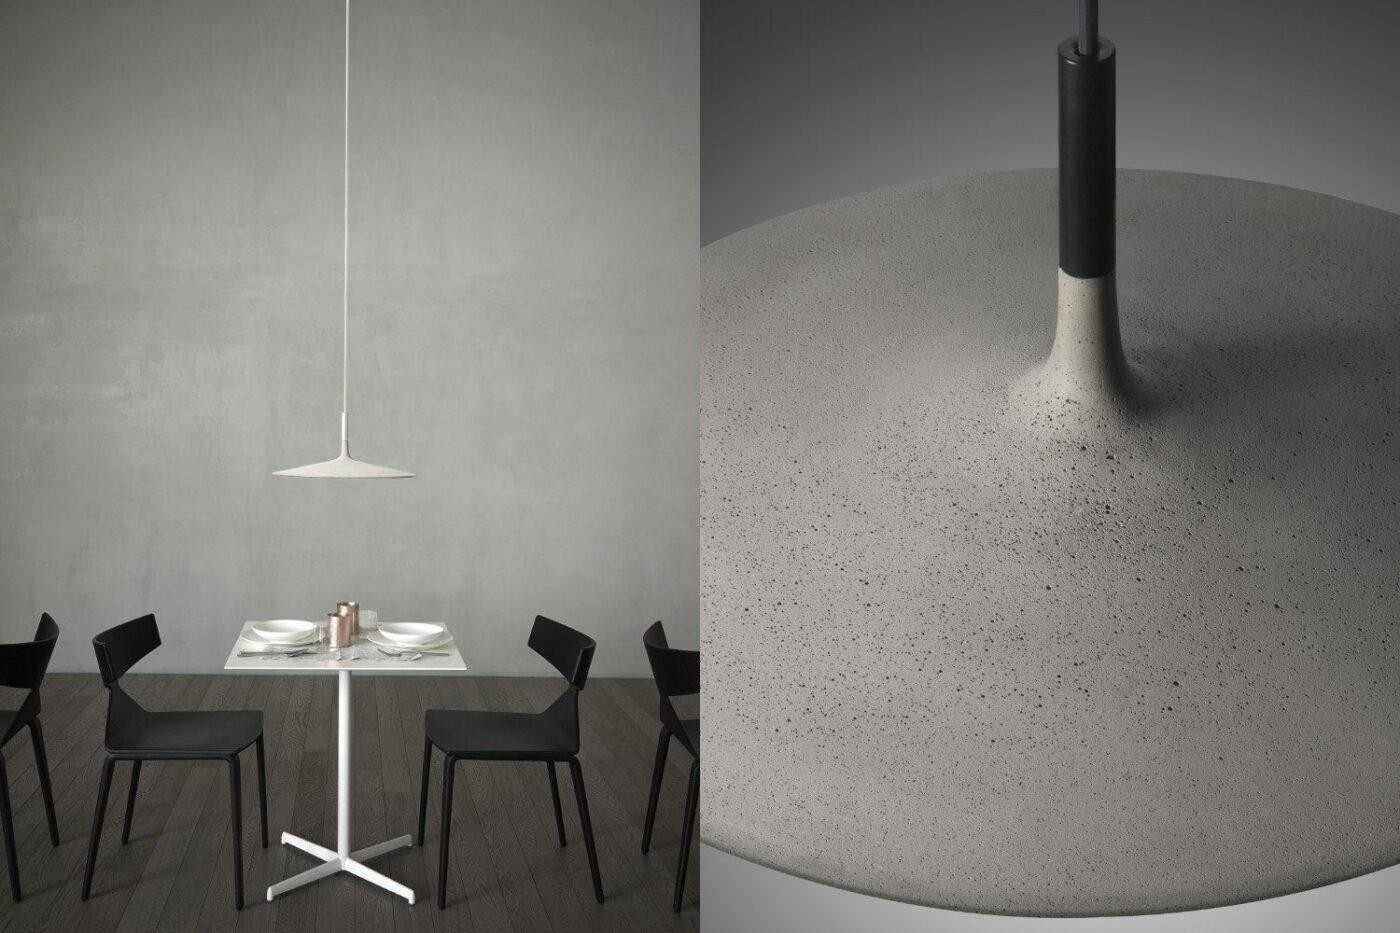 Foscarini Wand- und Deckenleuchte Lumiere XXS LED - Lampen & Leuchten